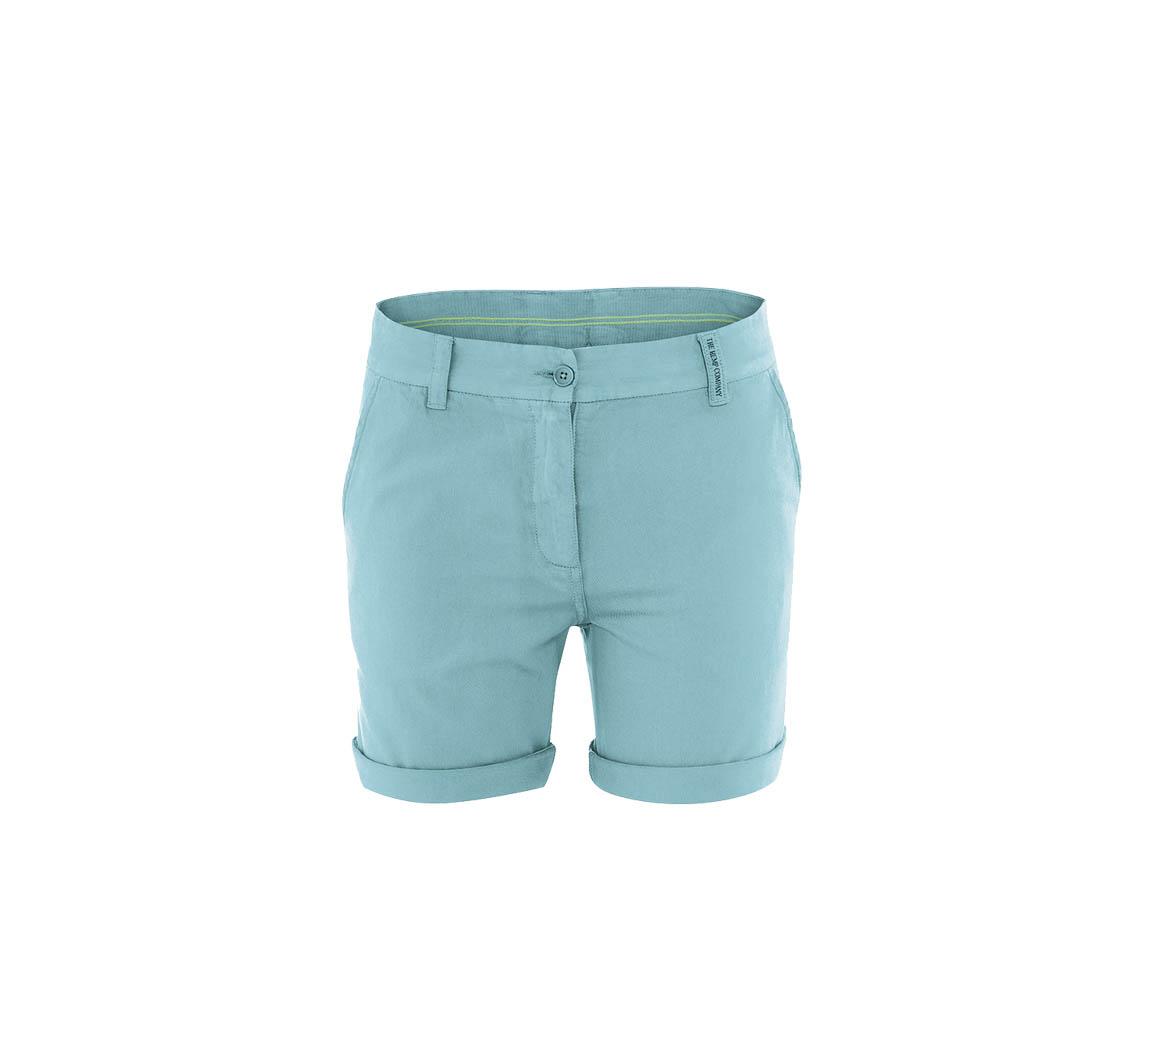 Bermuda femme en coton et chanvre Short Jane